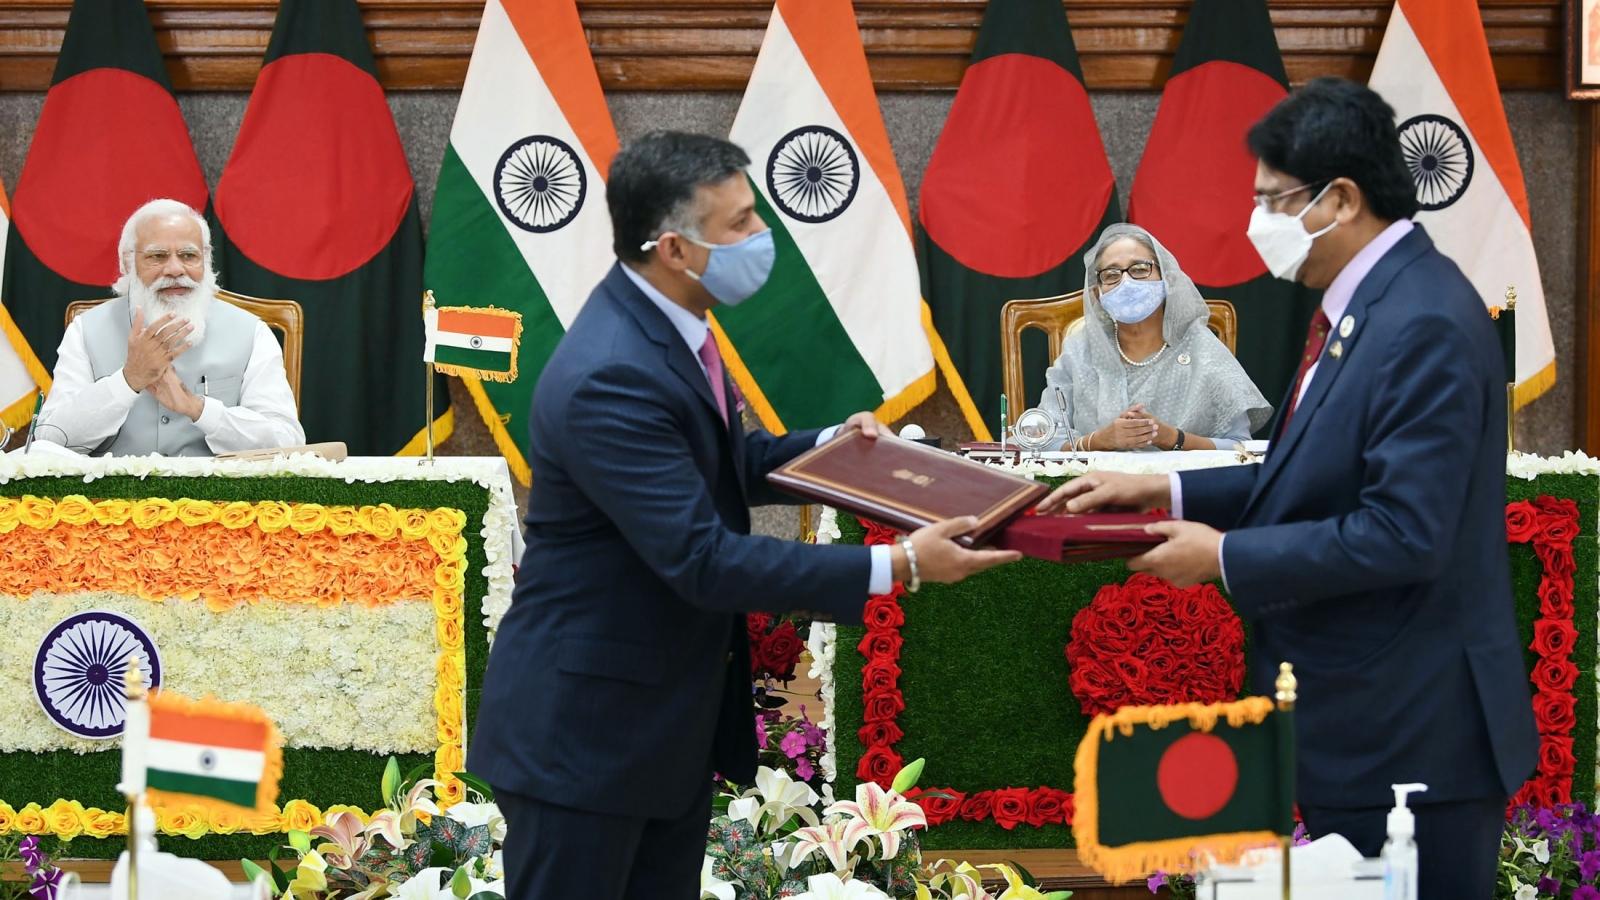 Ấn Độ và Bangladesh ký 5 thỏa thuận hợp tác song phương